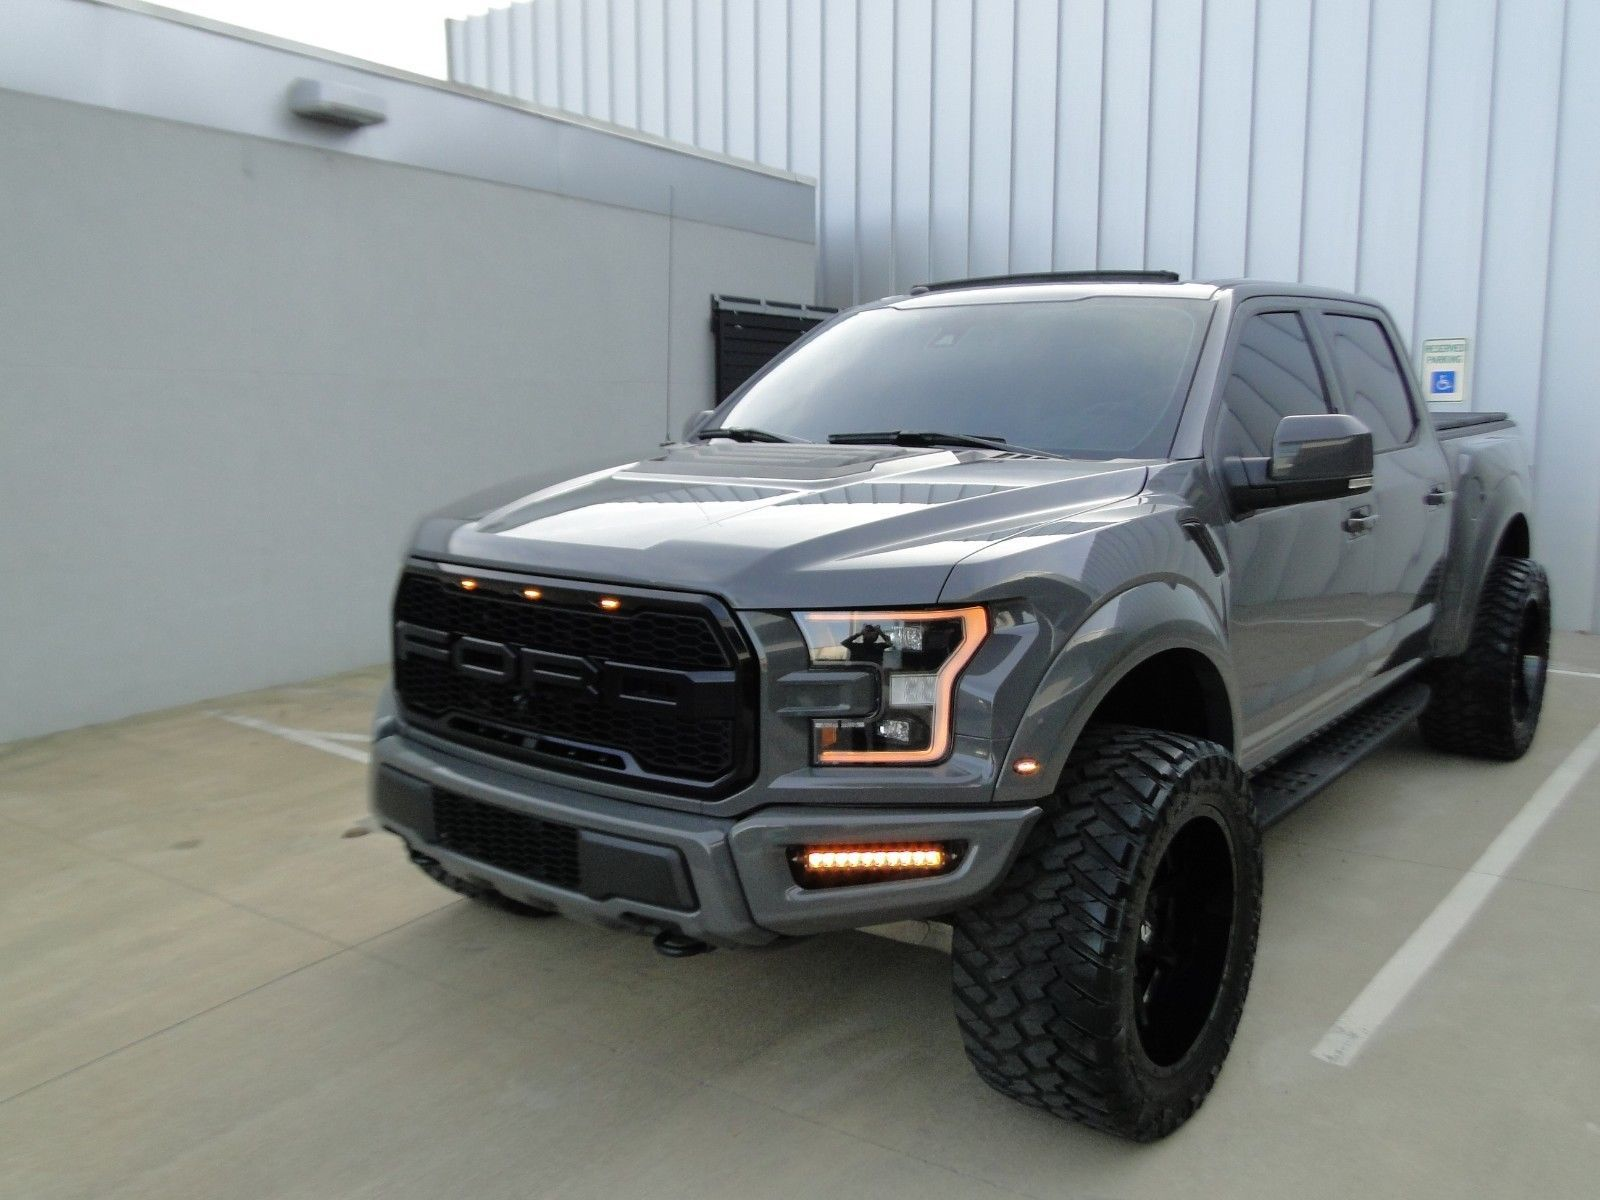 Loaded 2018 Ford F 150 Raptor Monster Truck Monster Trucks For Sale Ford Trucks For Sale